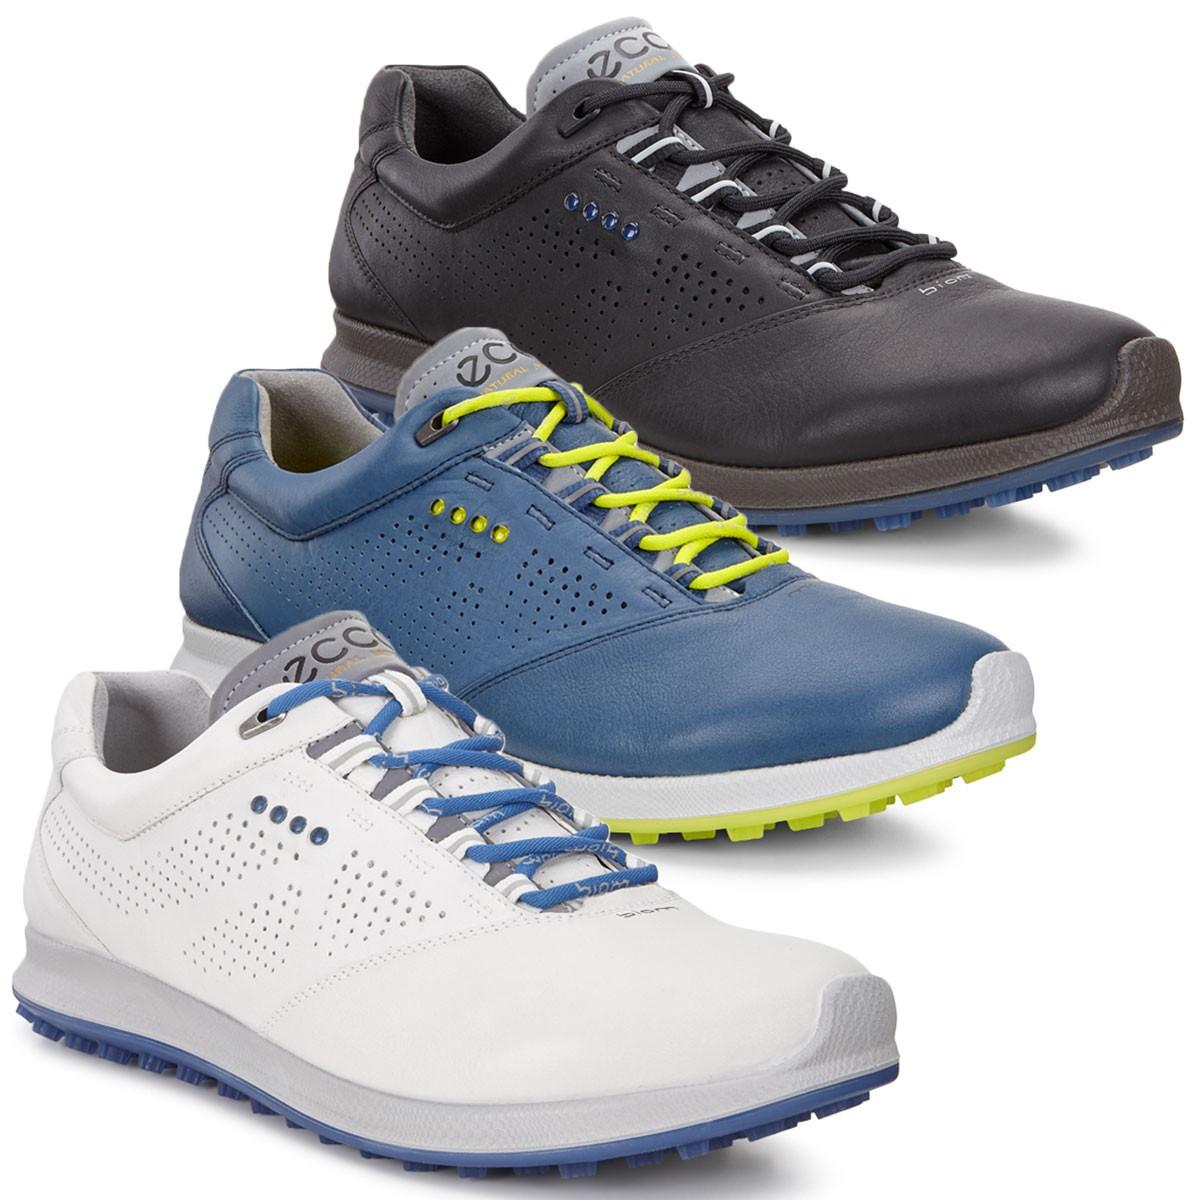 19db71b656 Ecco Mens Biom Hybrid 2 Hydromax Golf Shoes